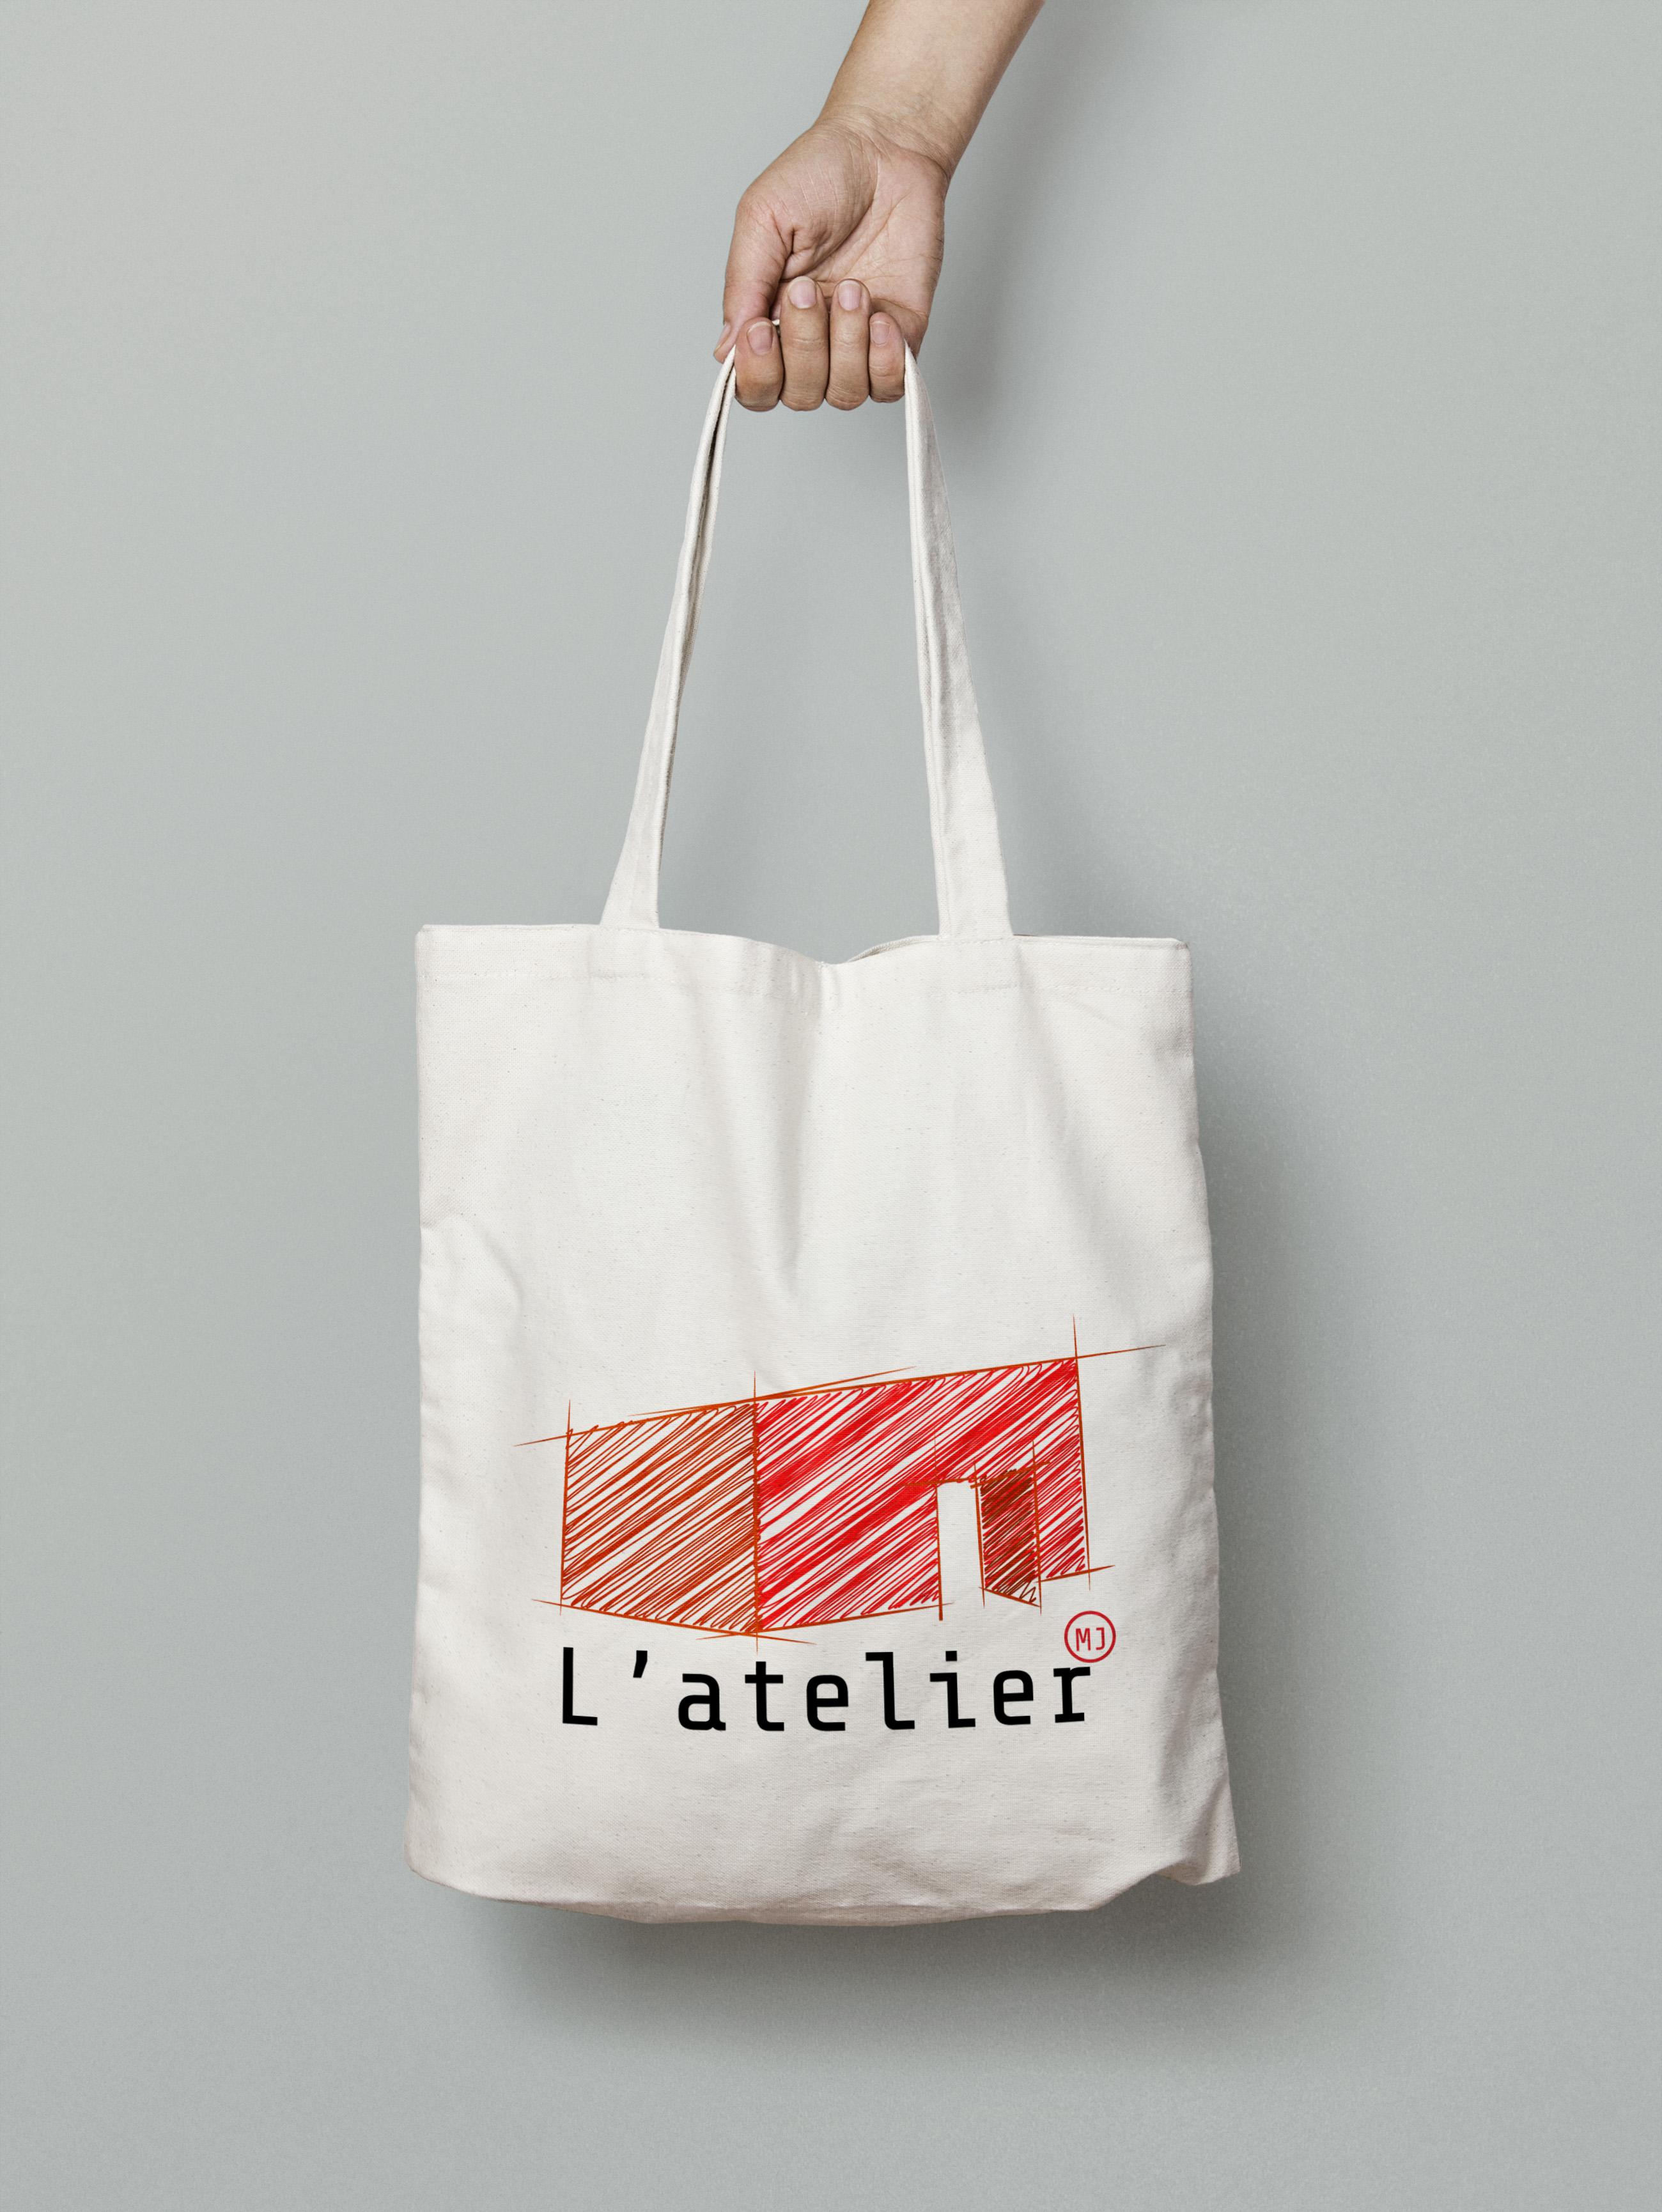 Tote bag - Maison de jeunes L'atelier